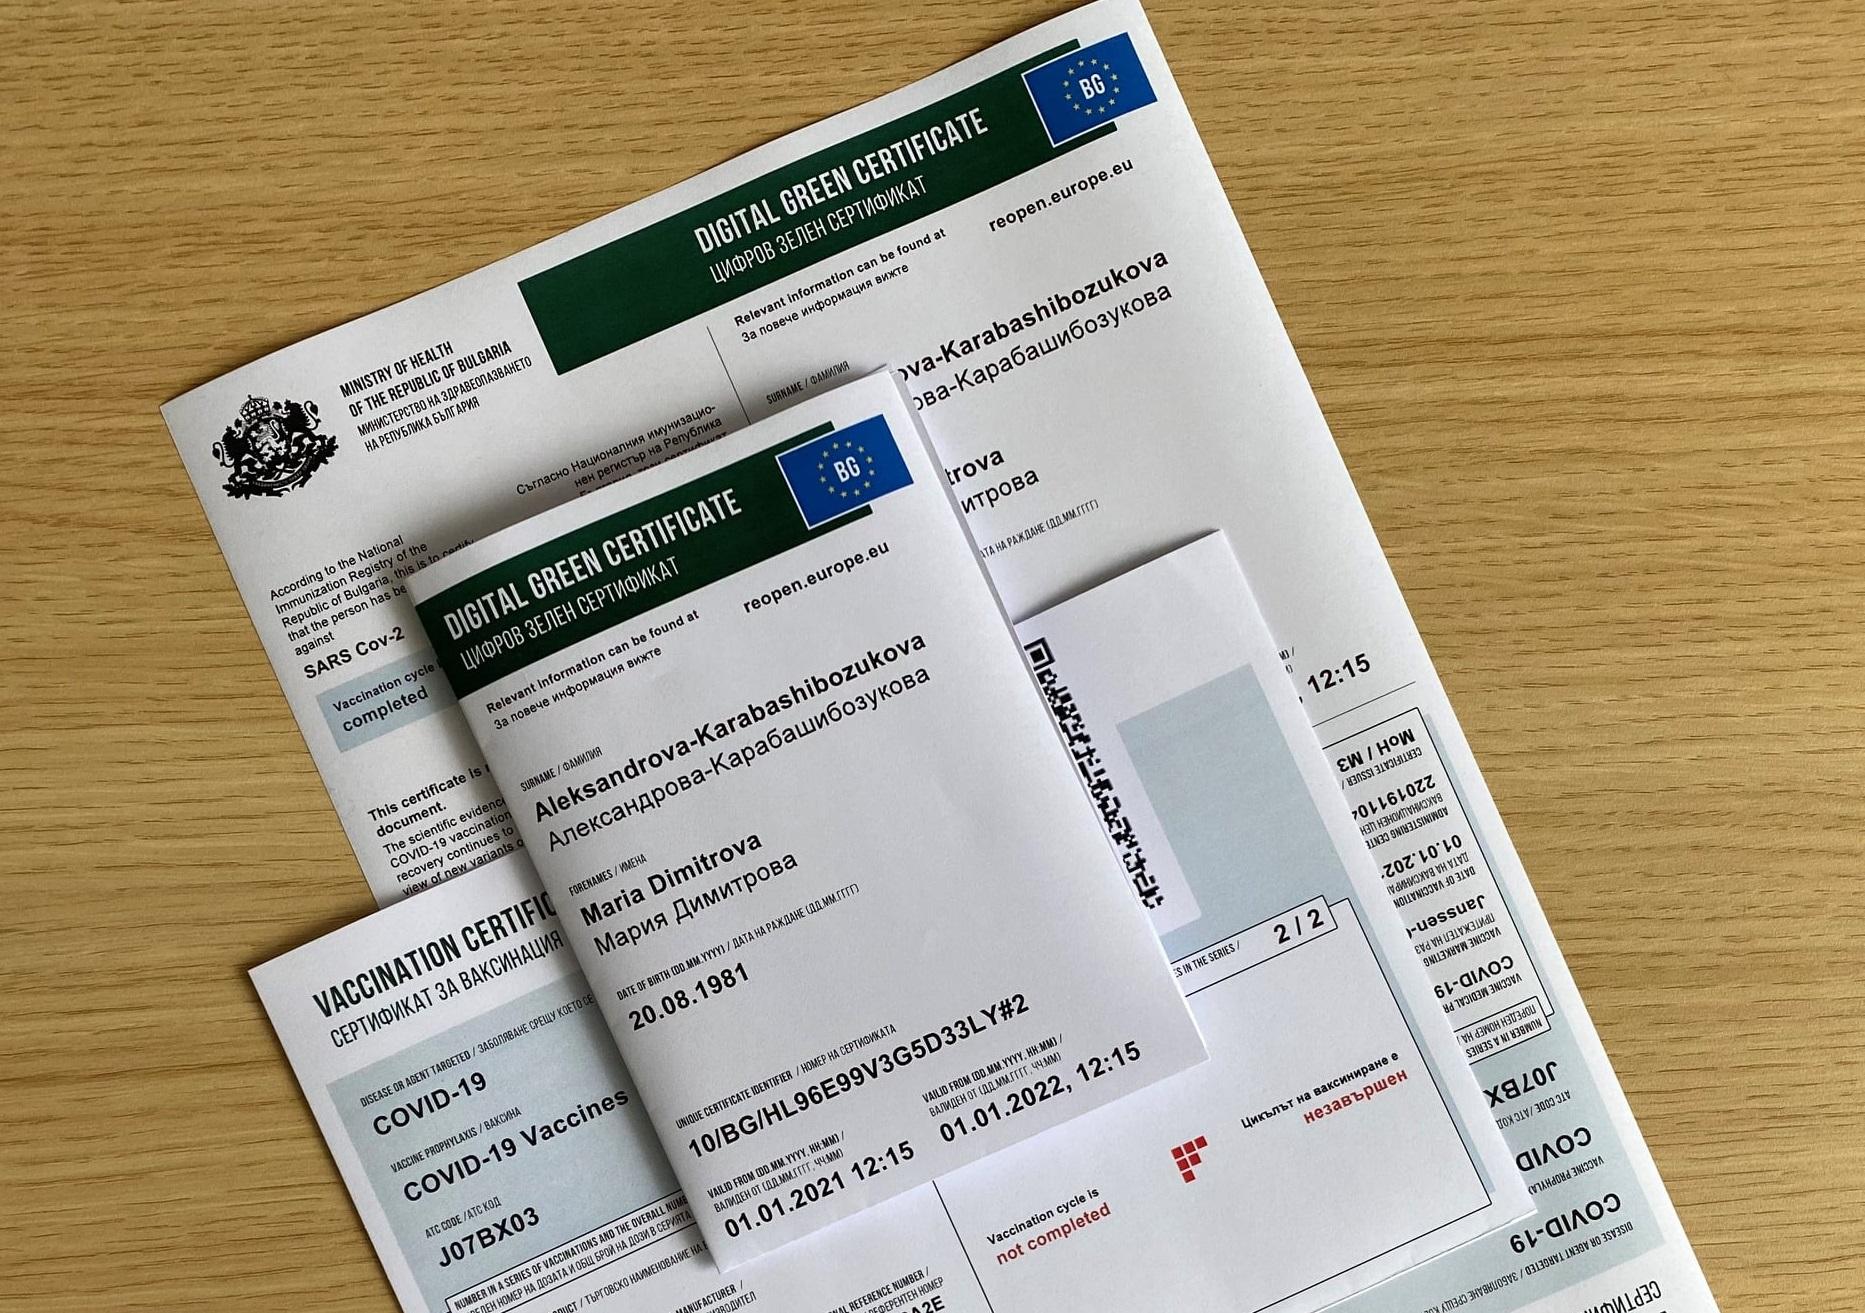 Британците ще влизат в заведения само с Covid-сертификати - Труд